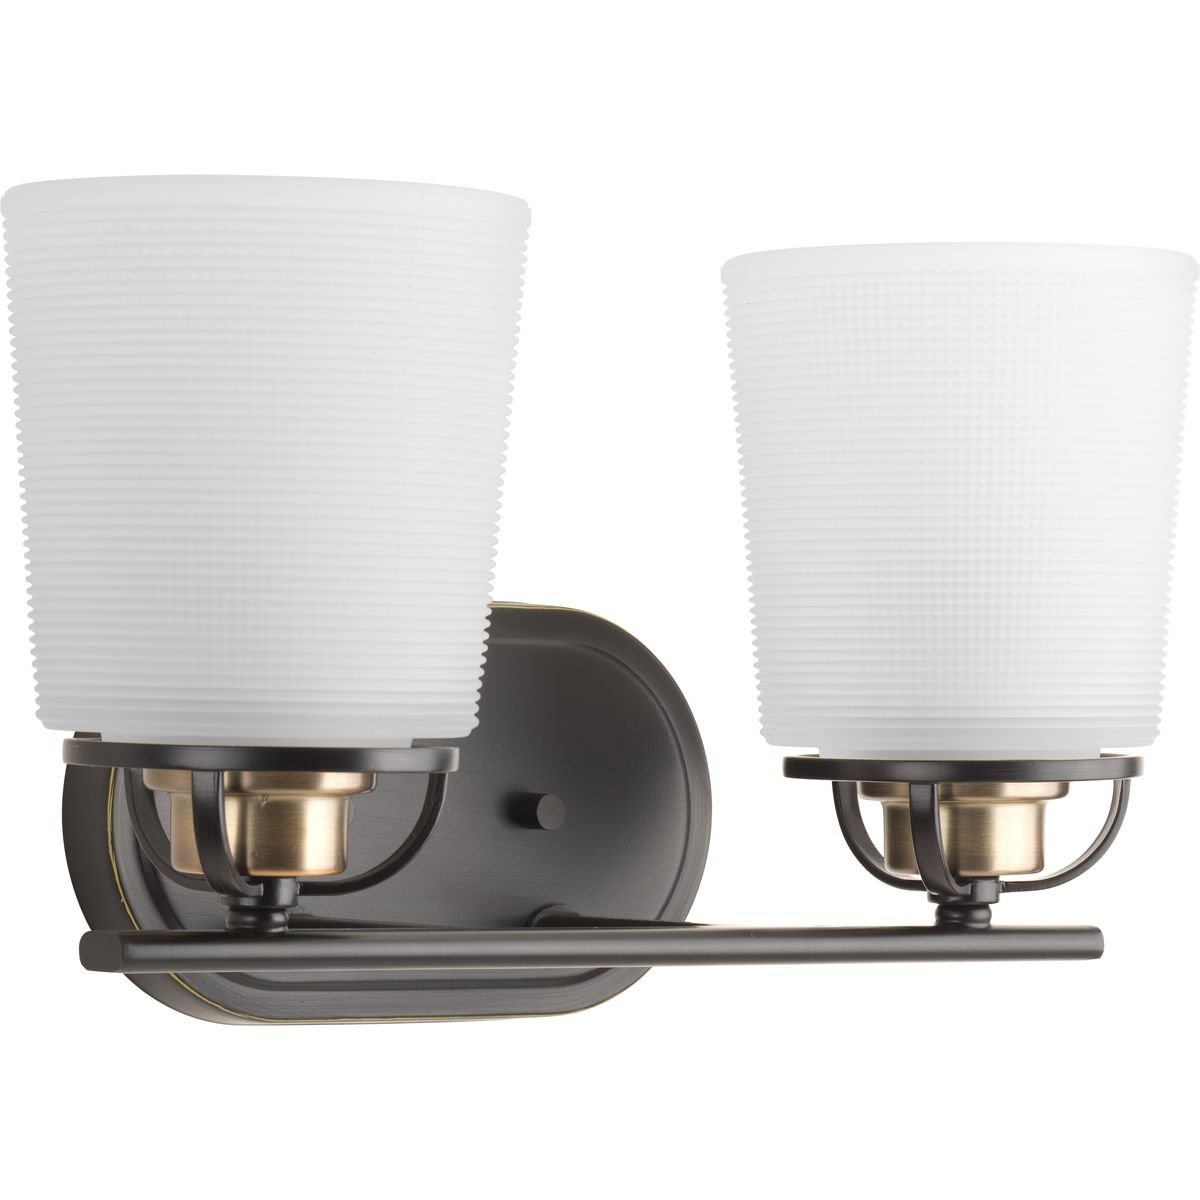 Nouveau 30 W Square SURFACE MOUNT Plafond Plat DEL Panneau Lampe 6400k Lumière Du Jour 2550 LM